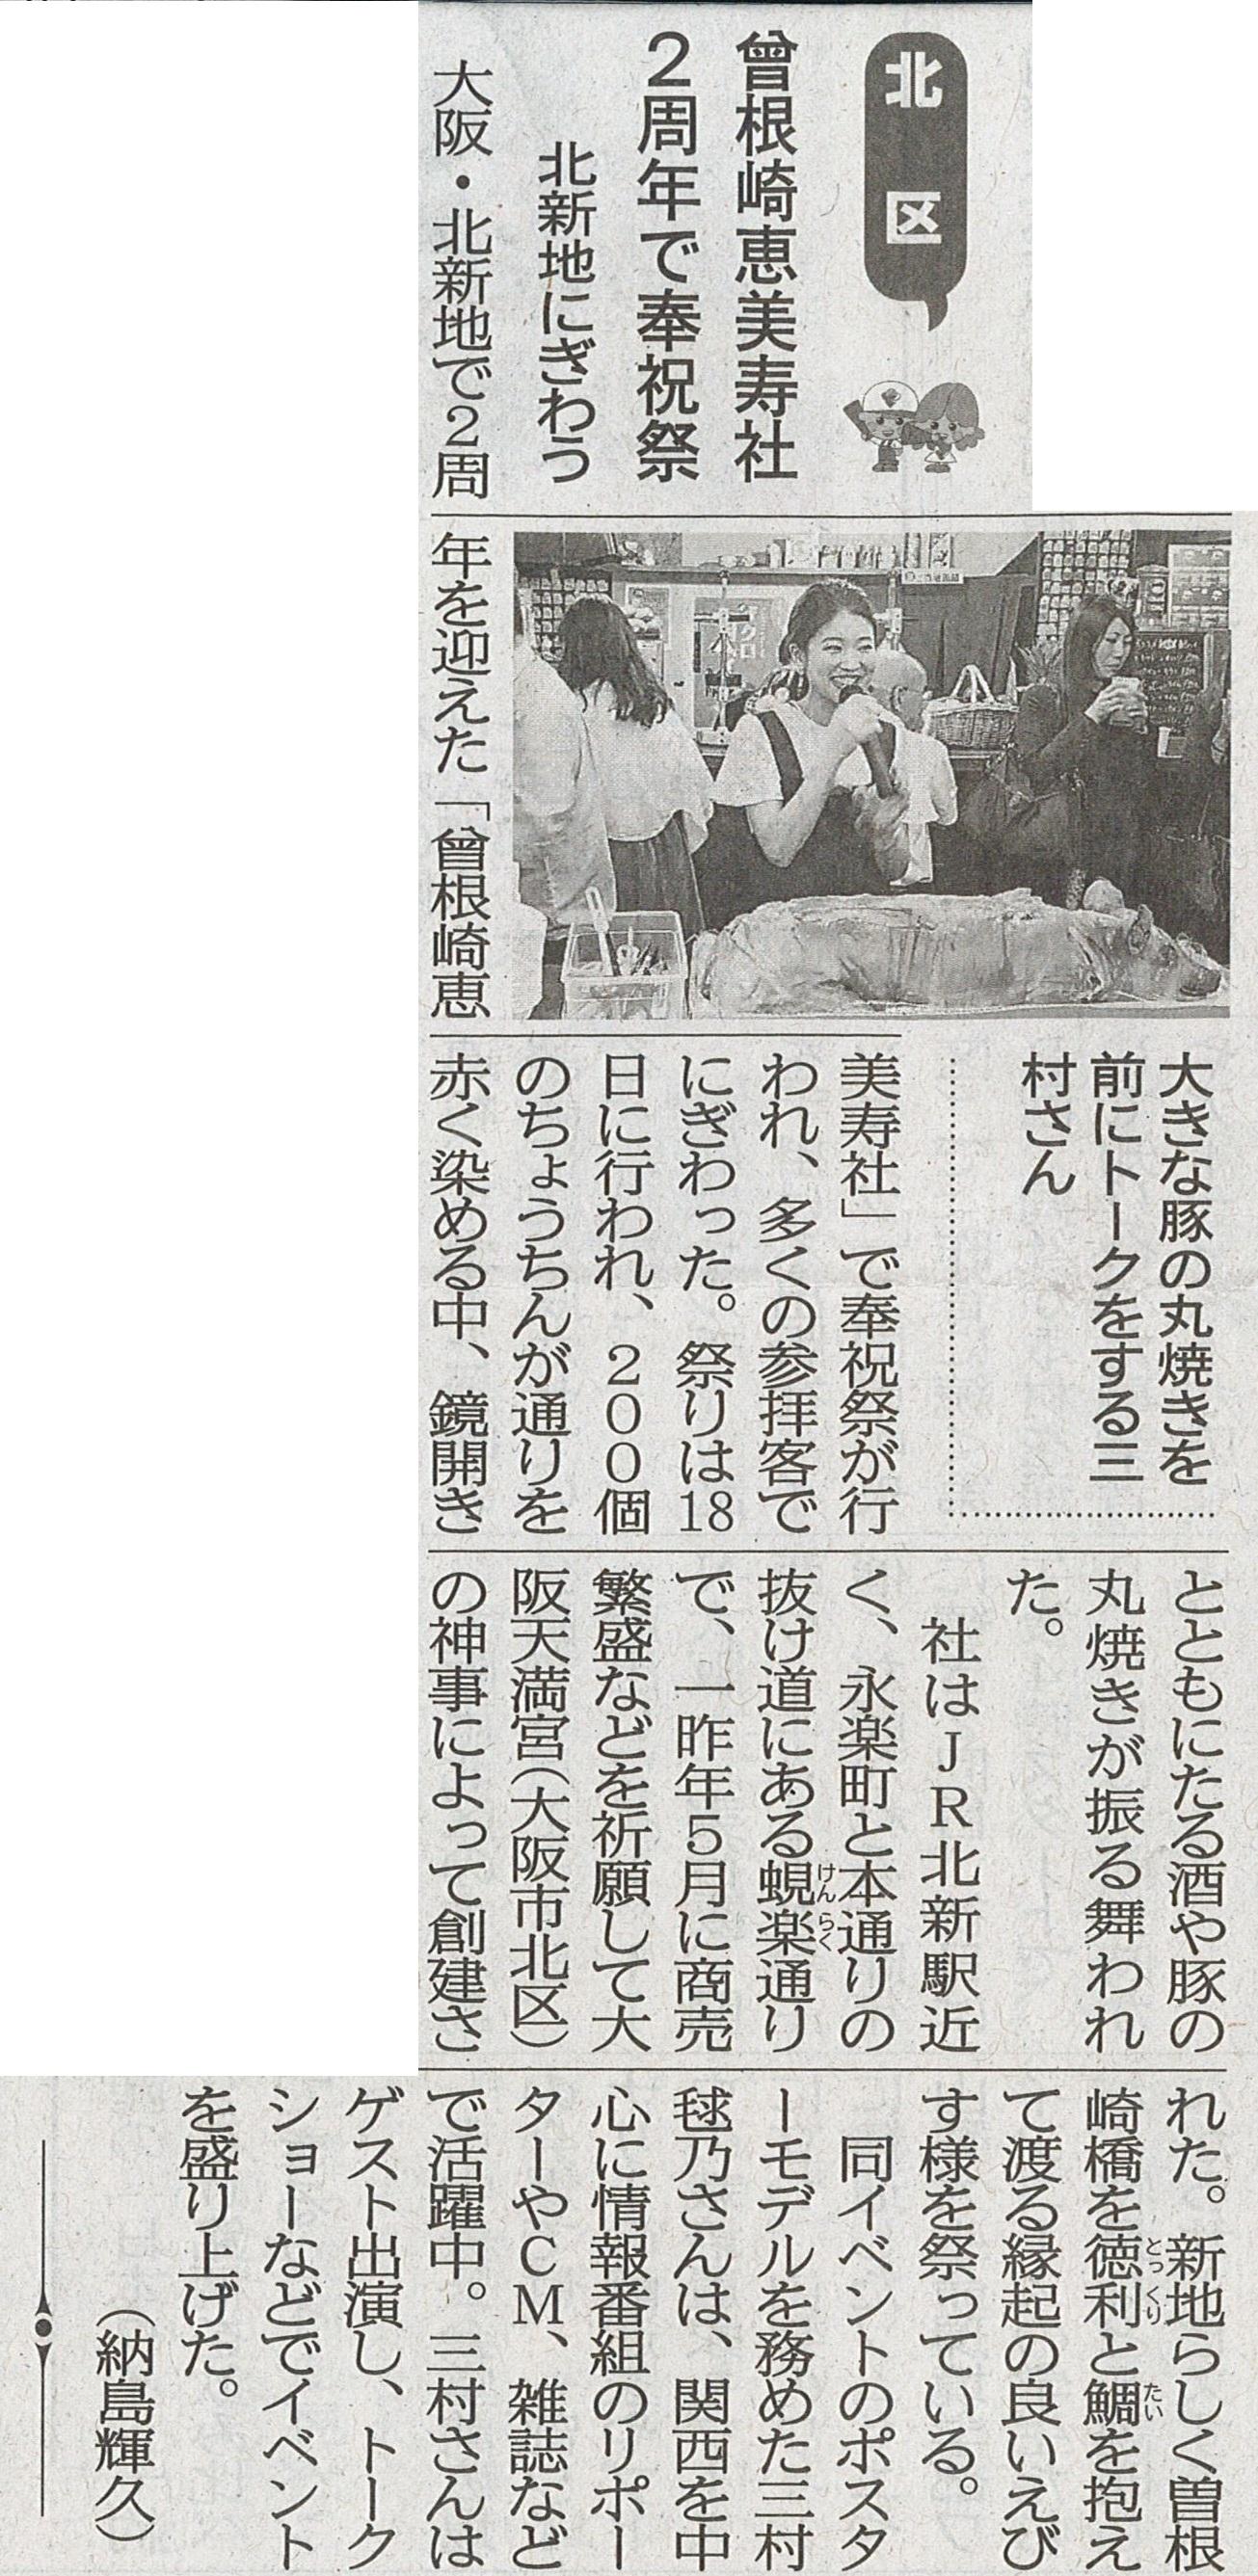 曾根崎恵美寿社「大阪日日新聞」掲載